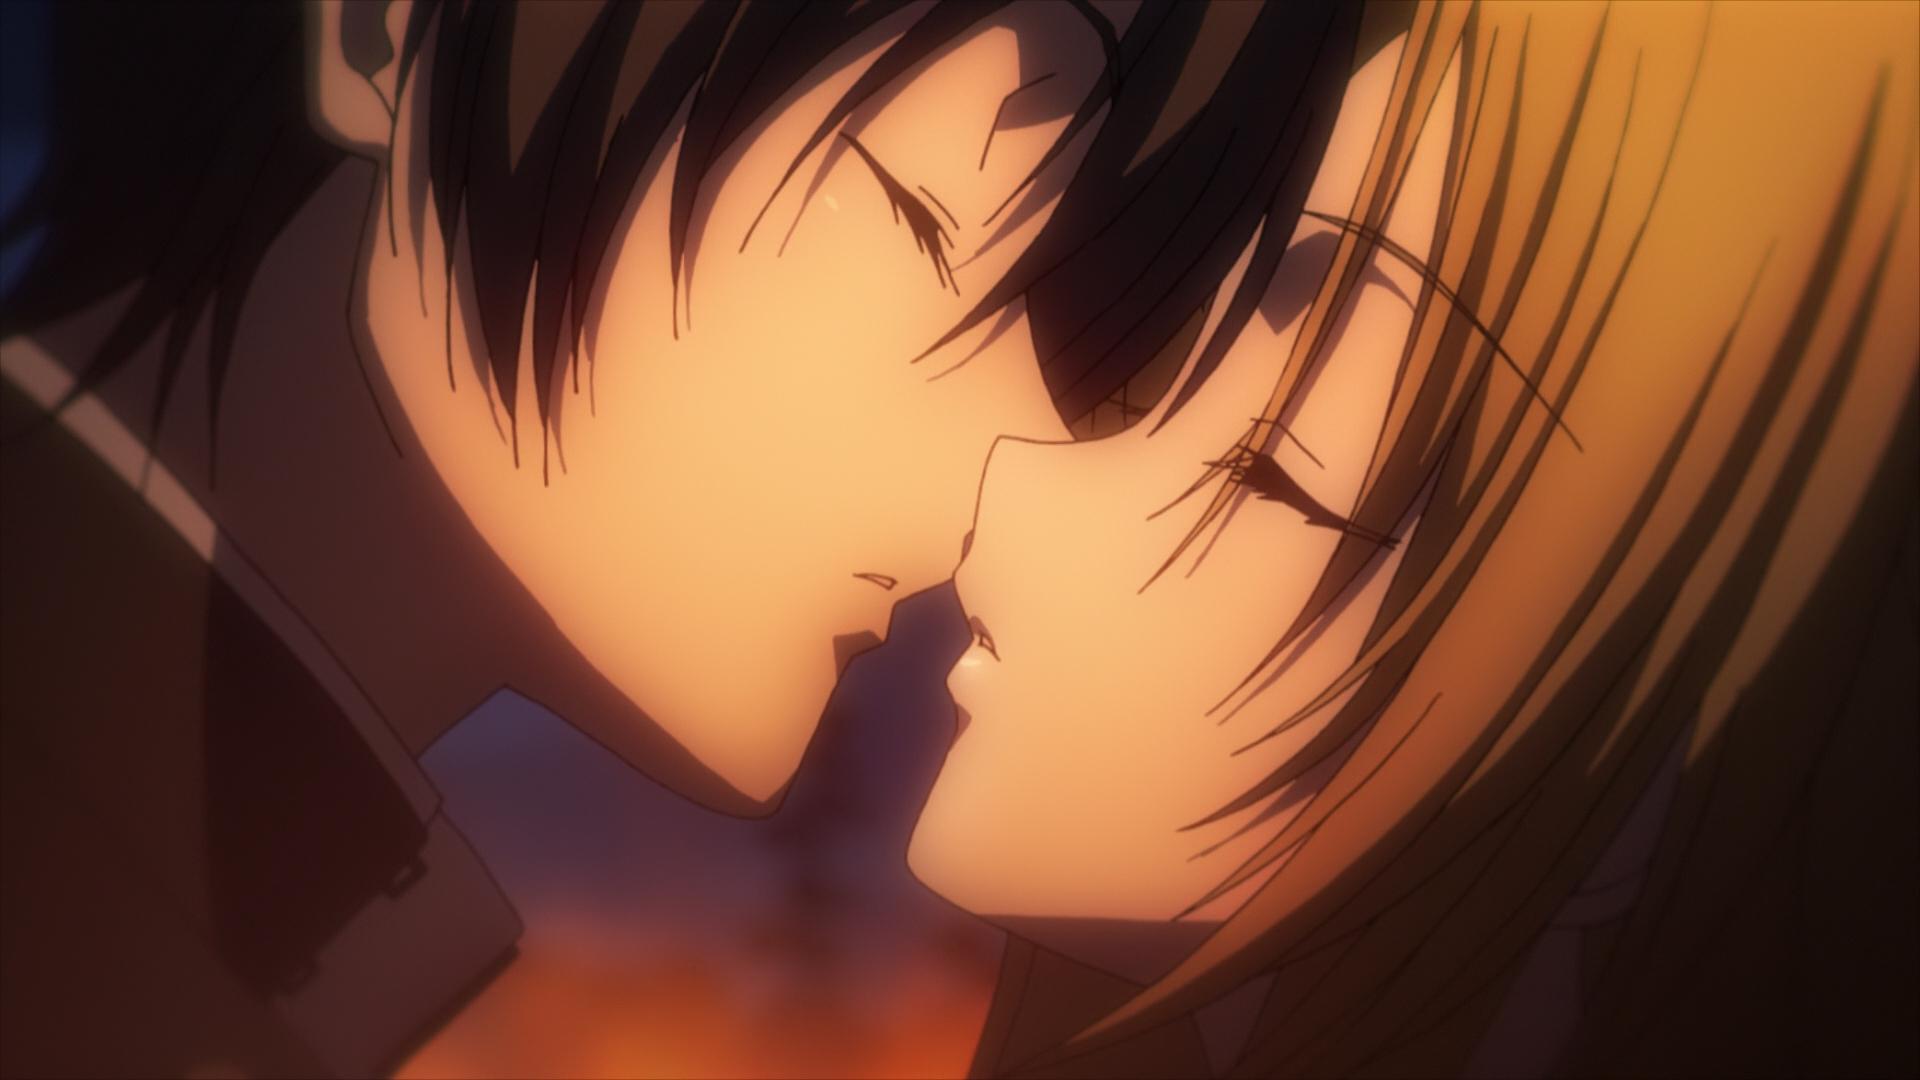 Yoshiharu and Oda